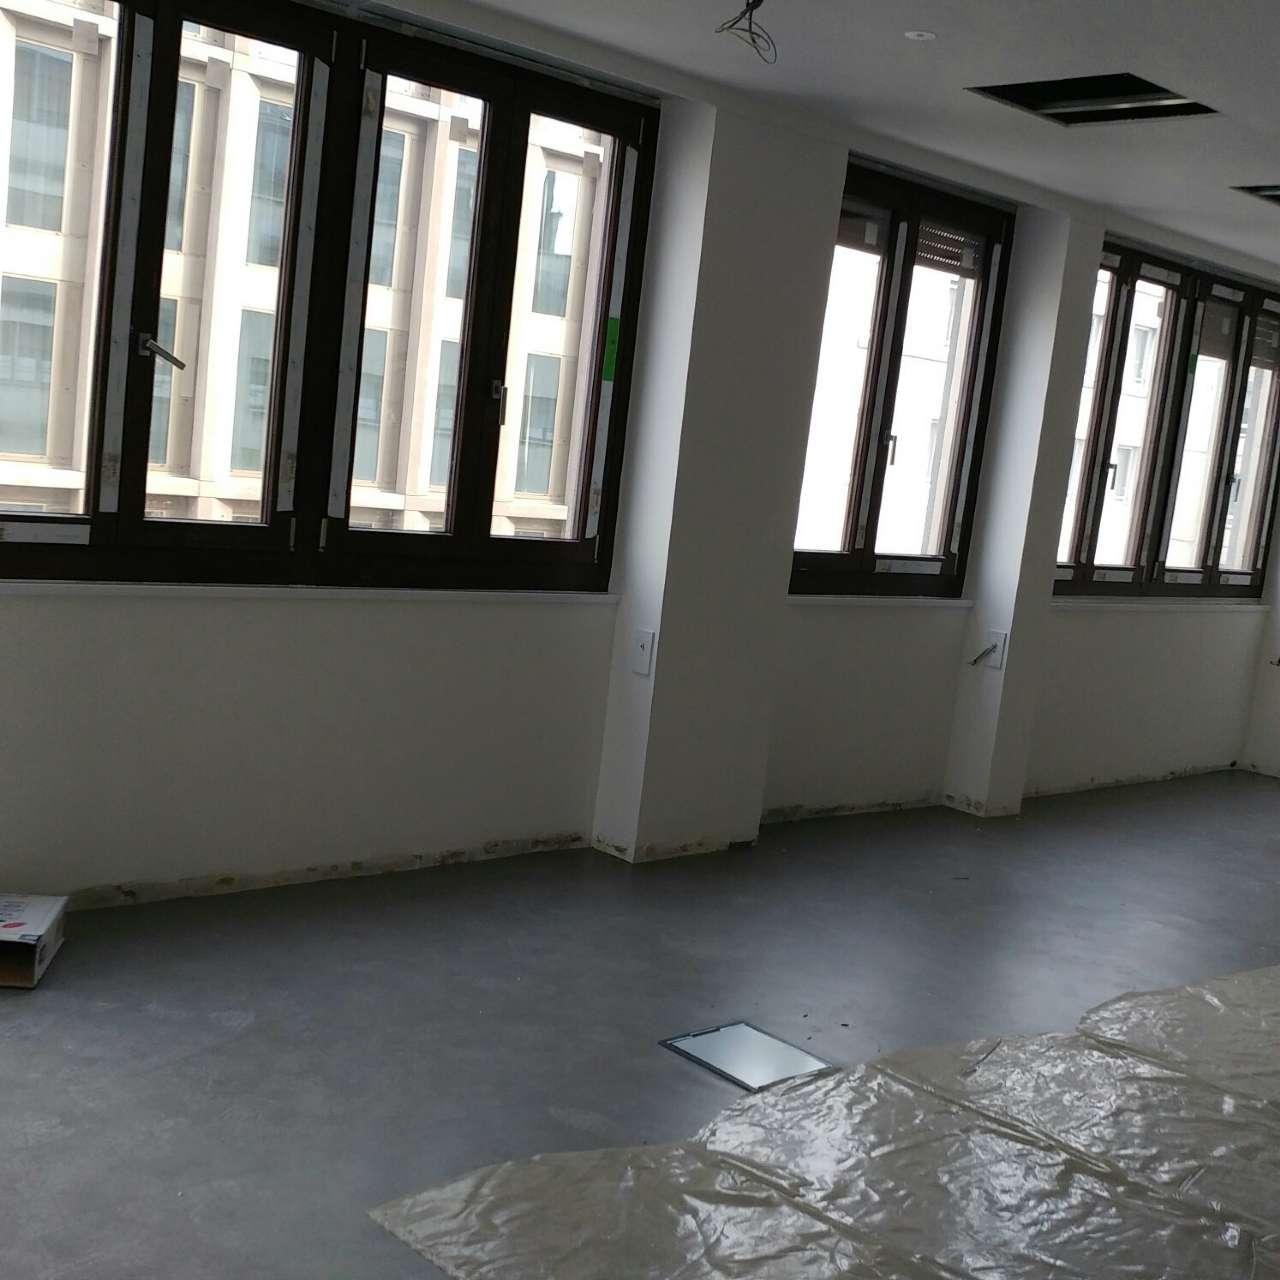 Ufficio / Studio in affitto a Milano, 3 locali, zona Zona: 2 . Repubblica, Stazione Centrale, P.ta Nuova, B. Marcello, prezzo € 4.500 | Cambio Casa.it